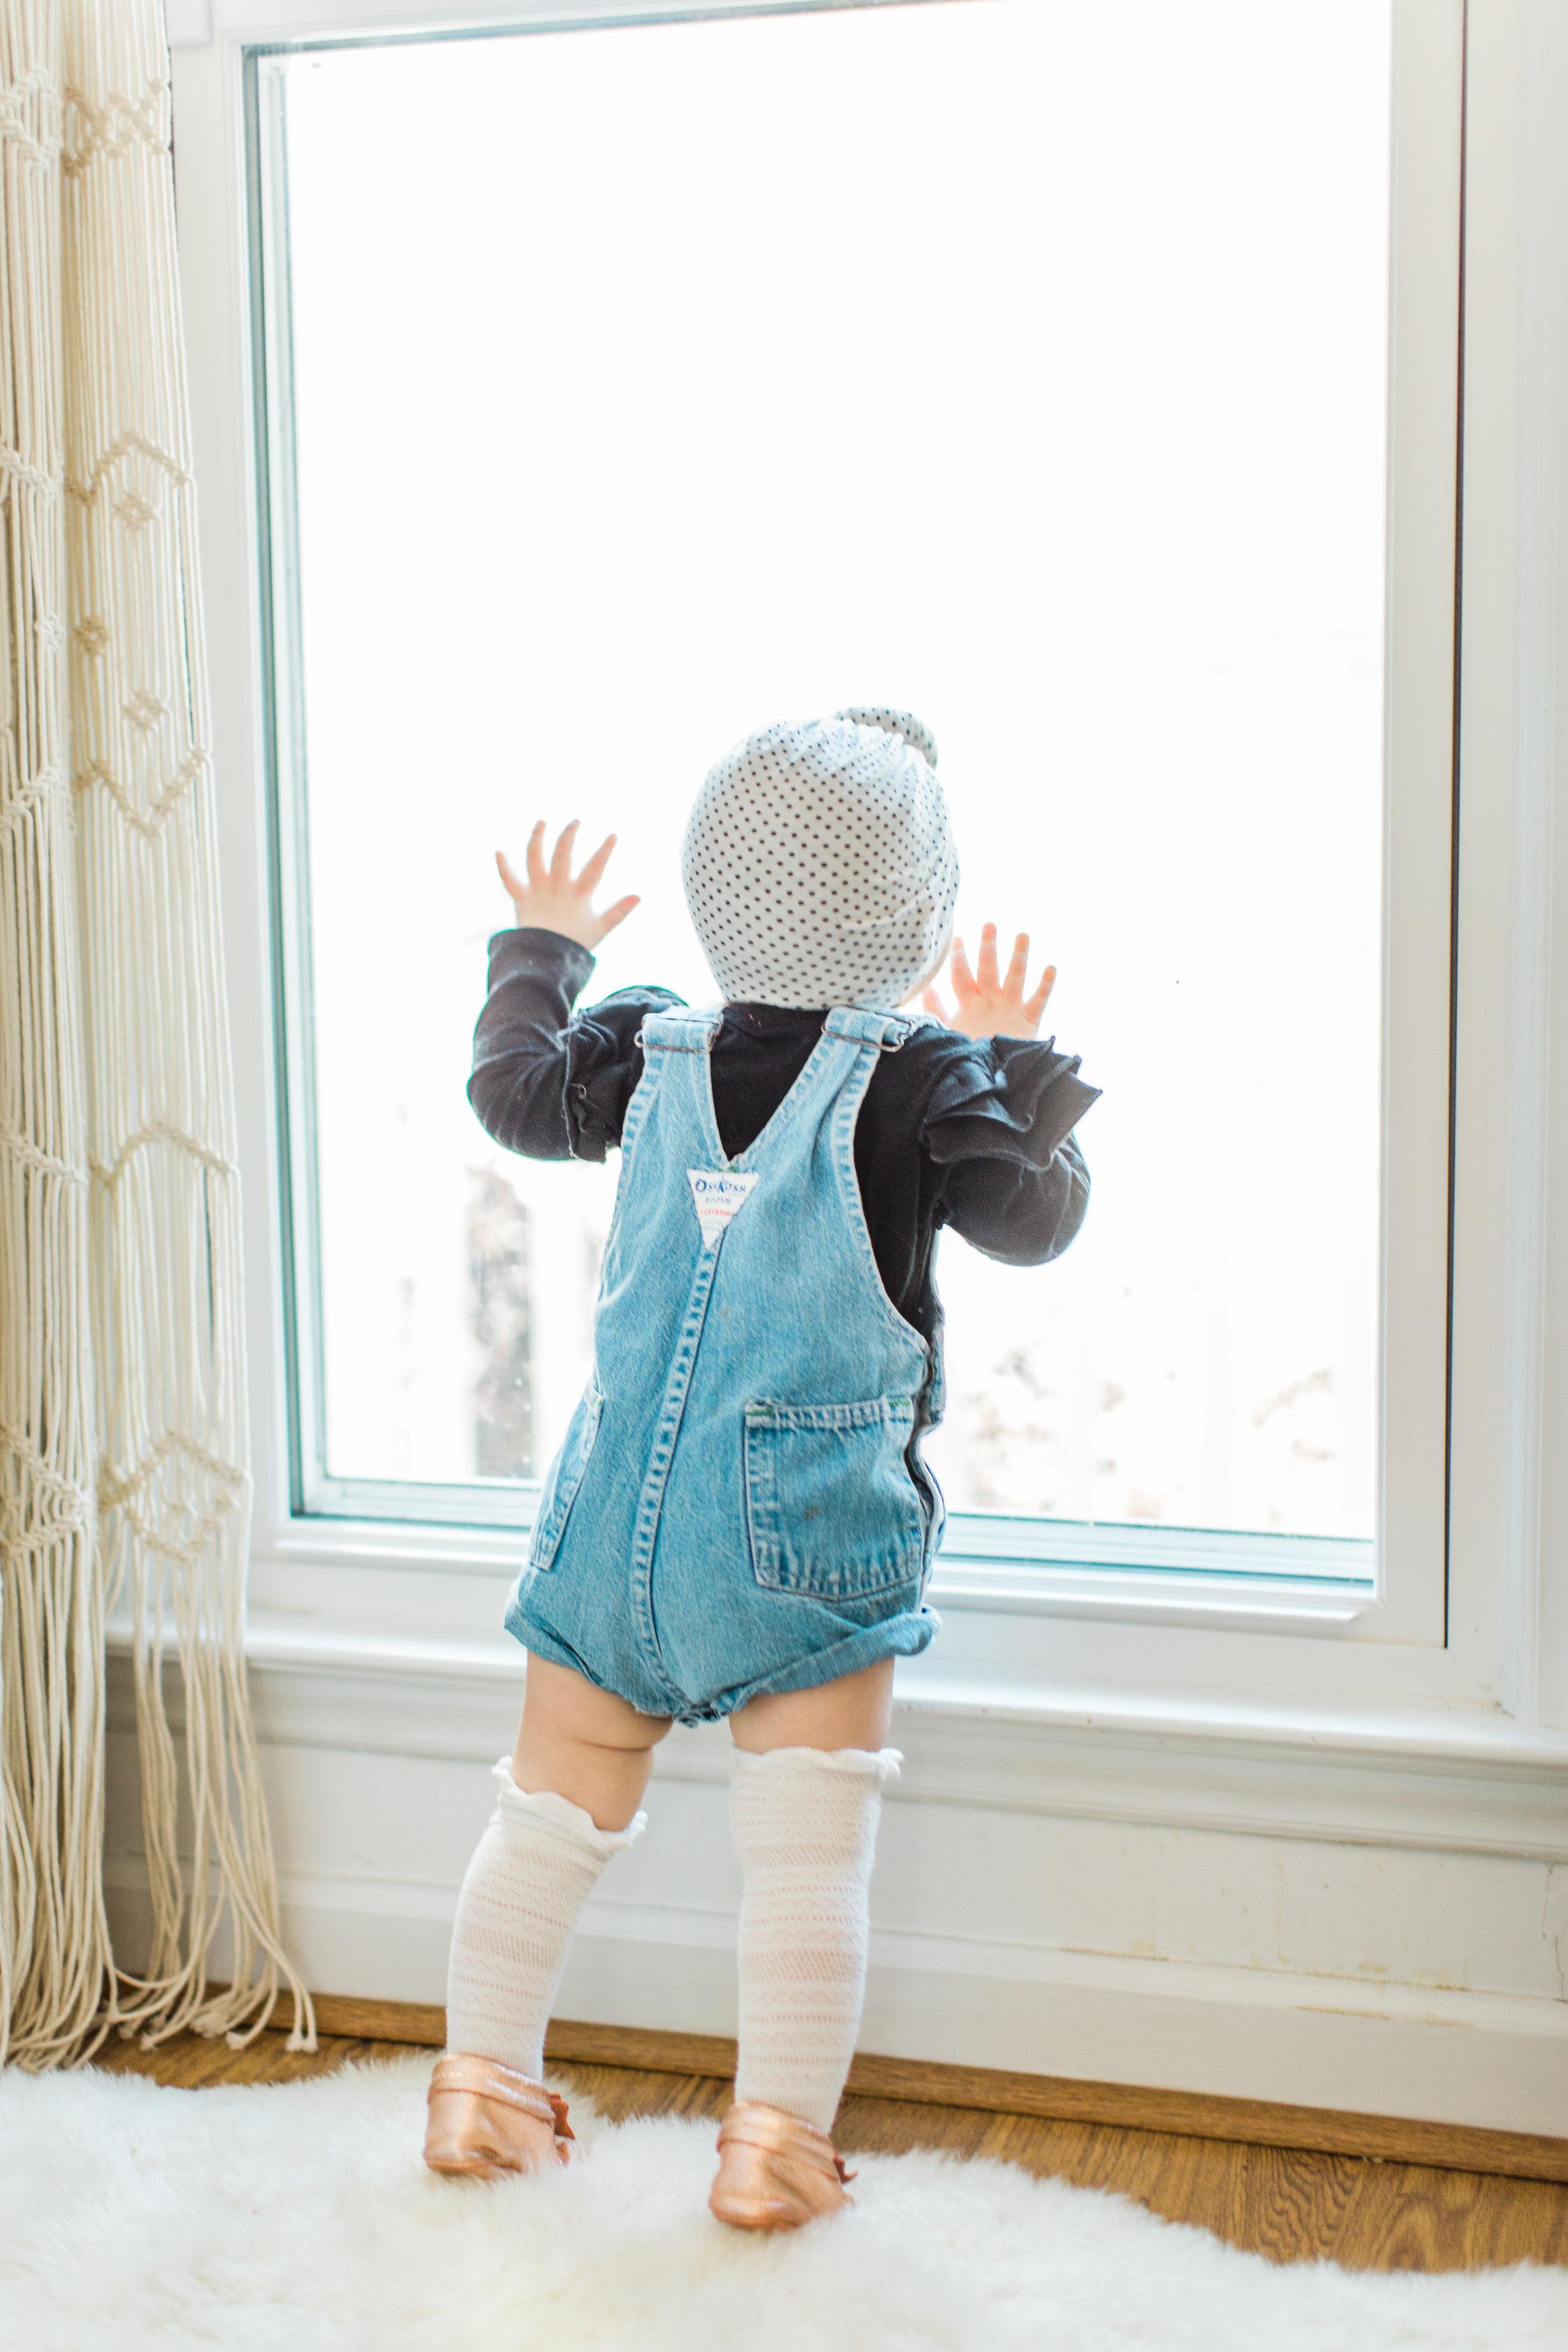 Baby girl is wearing OshKosh B'Gosh overalls